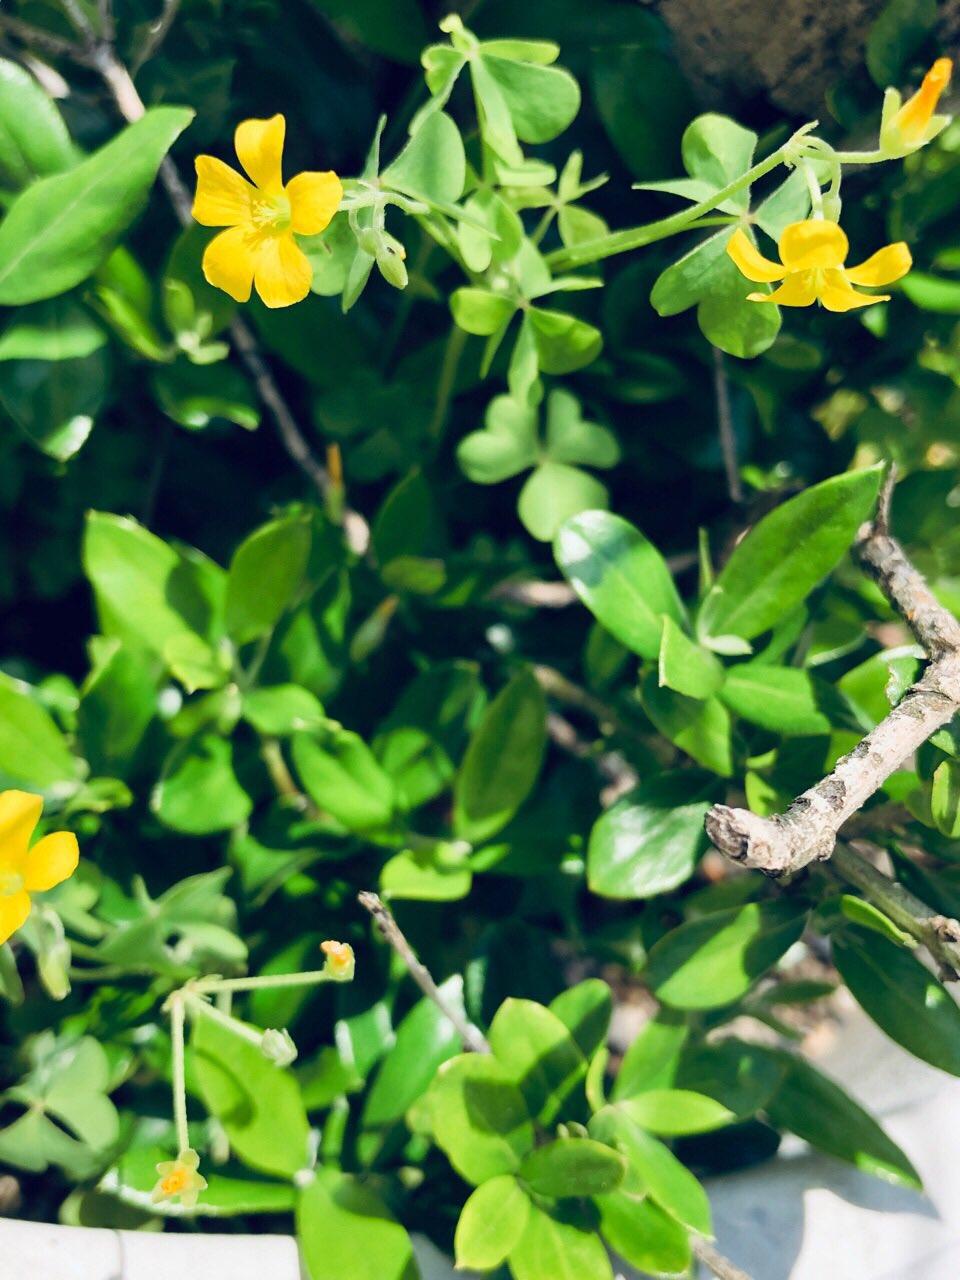 虫に食われてボロボロになってたオリーブの木だけど、根元から新しい芽が出てきてた。以前はこの芽も虫に食われて無くなってしまったけど、今回は成長してくれるといいな。 https://t.co/cHKdcl2hrn